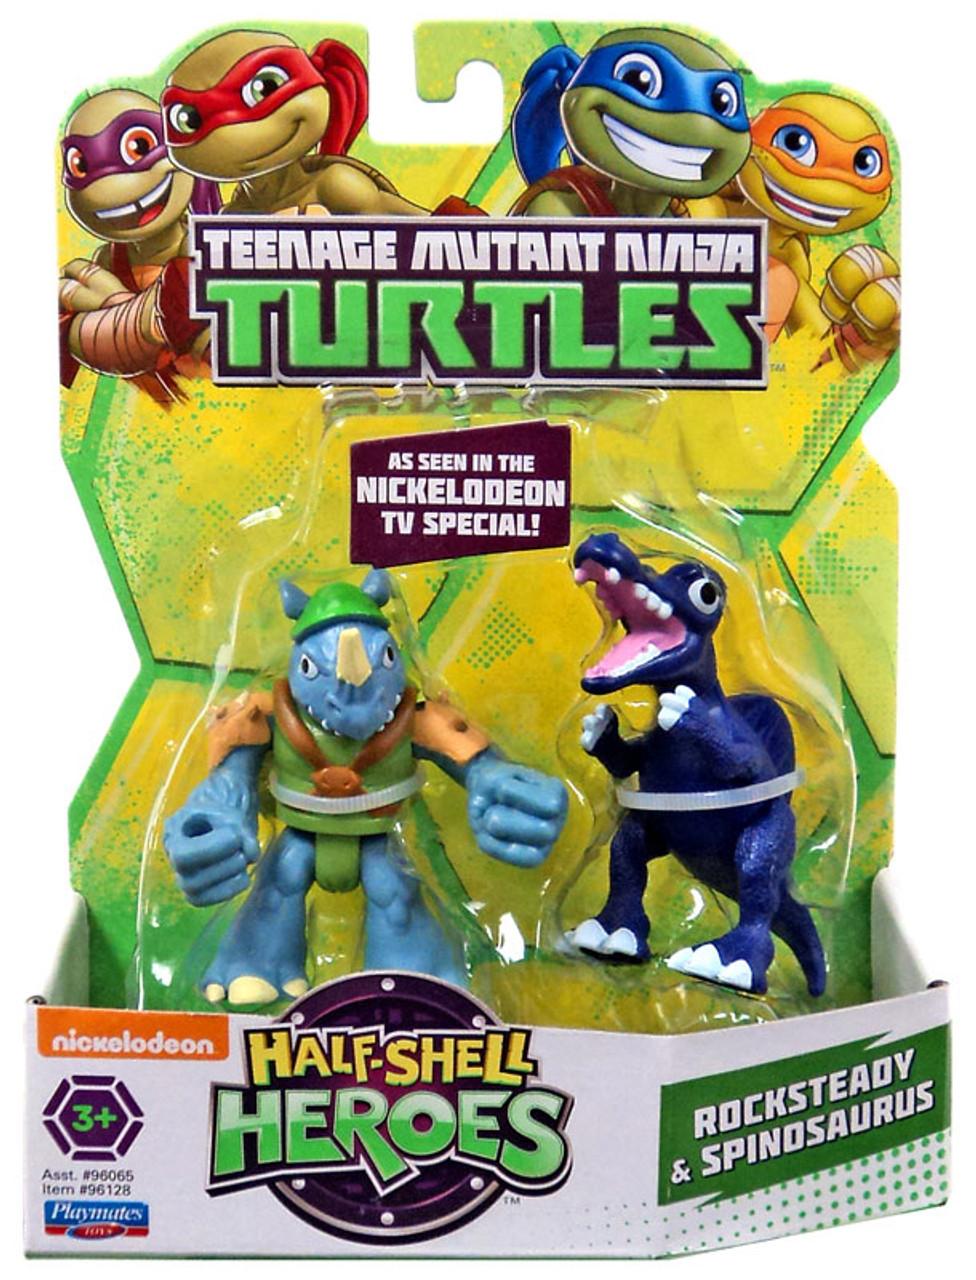 Teenage Mutant Ninja Turtles Half Shell Heroes TMNT Splinter Rocksteady Shredder